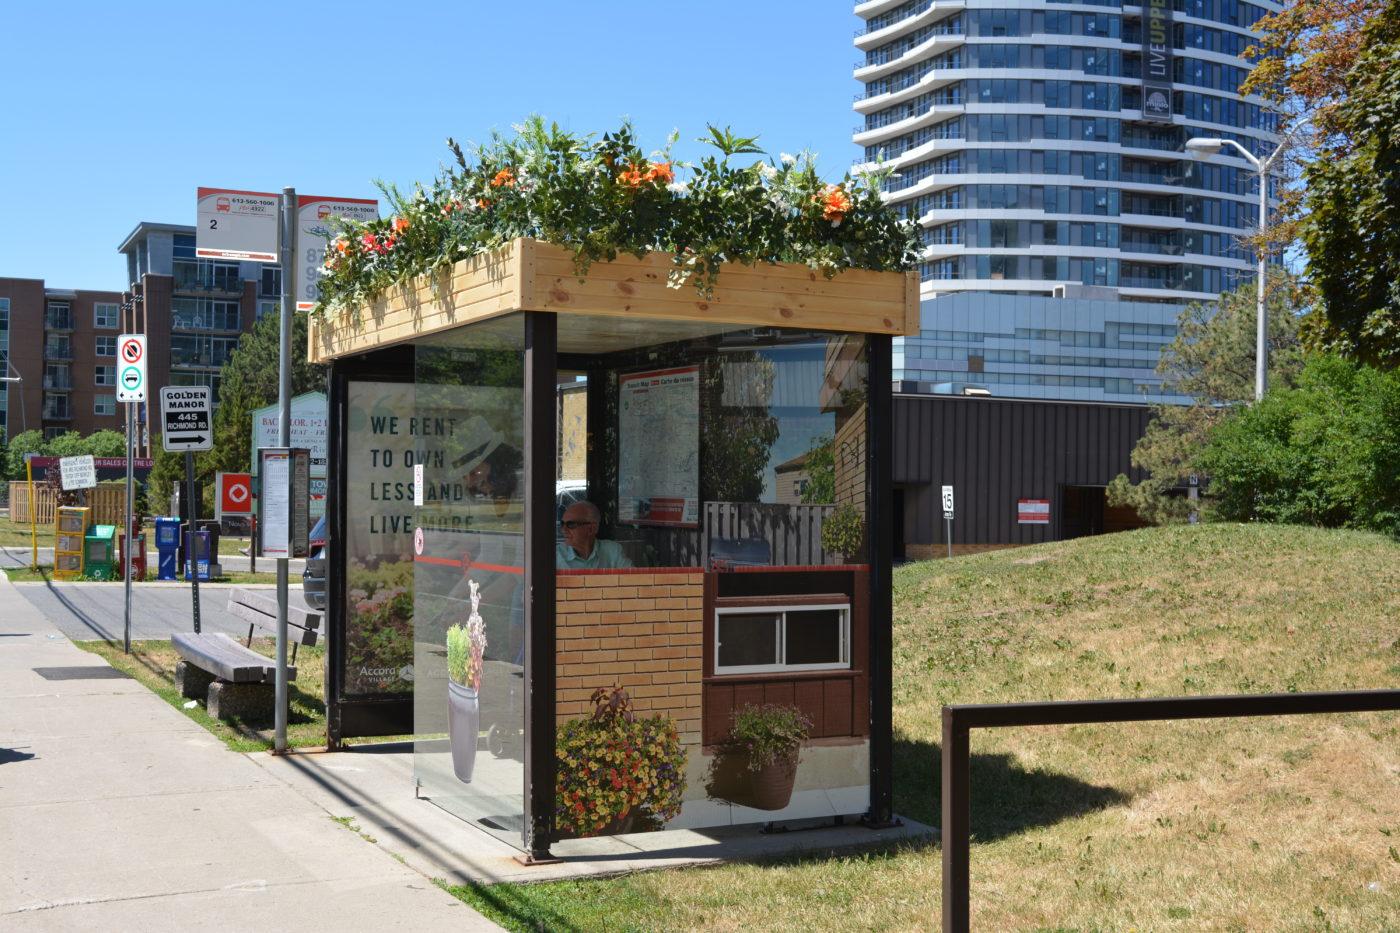 Accora Village - Street Furniture - Decorative Transit Shelter (Ottawa, Ontario)